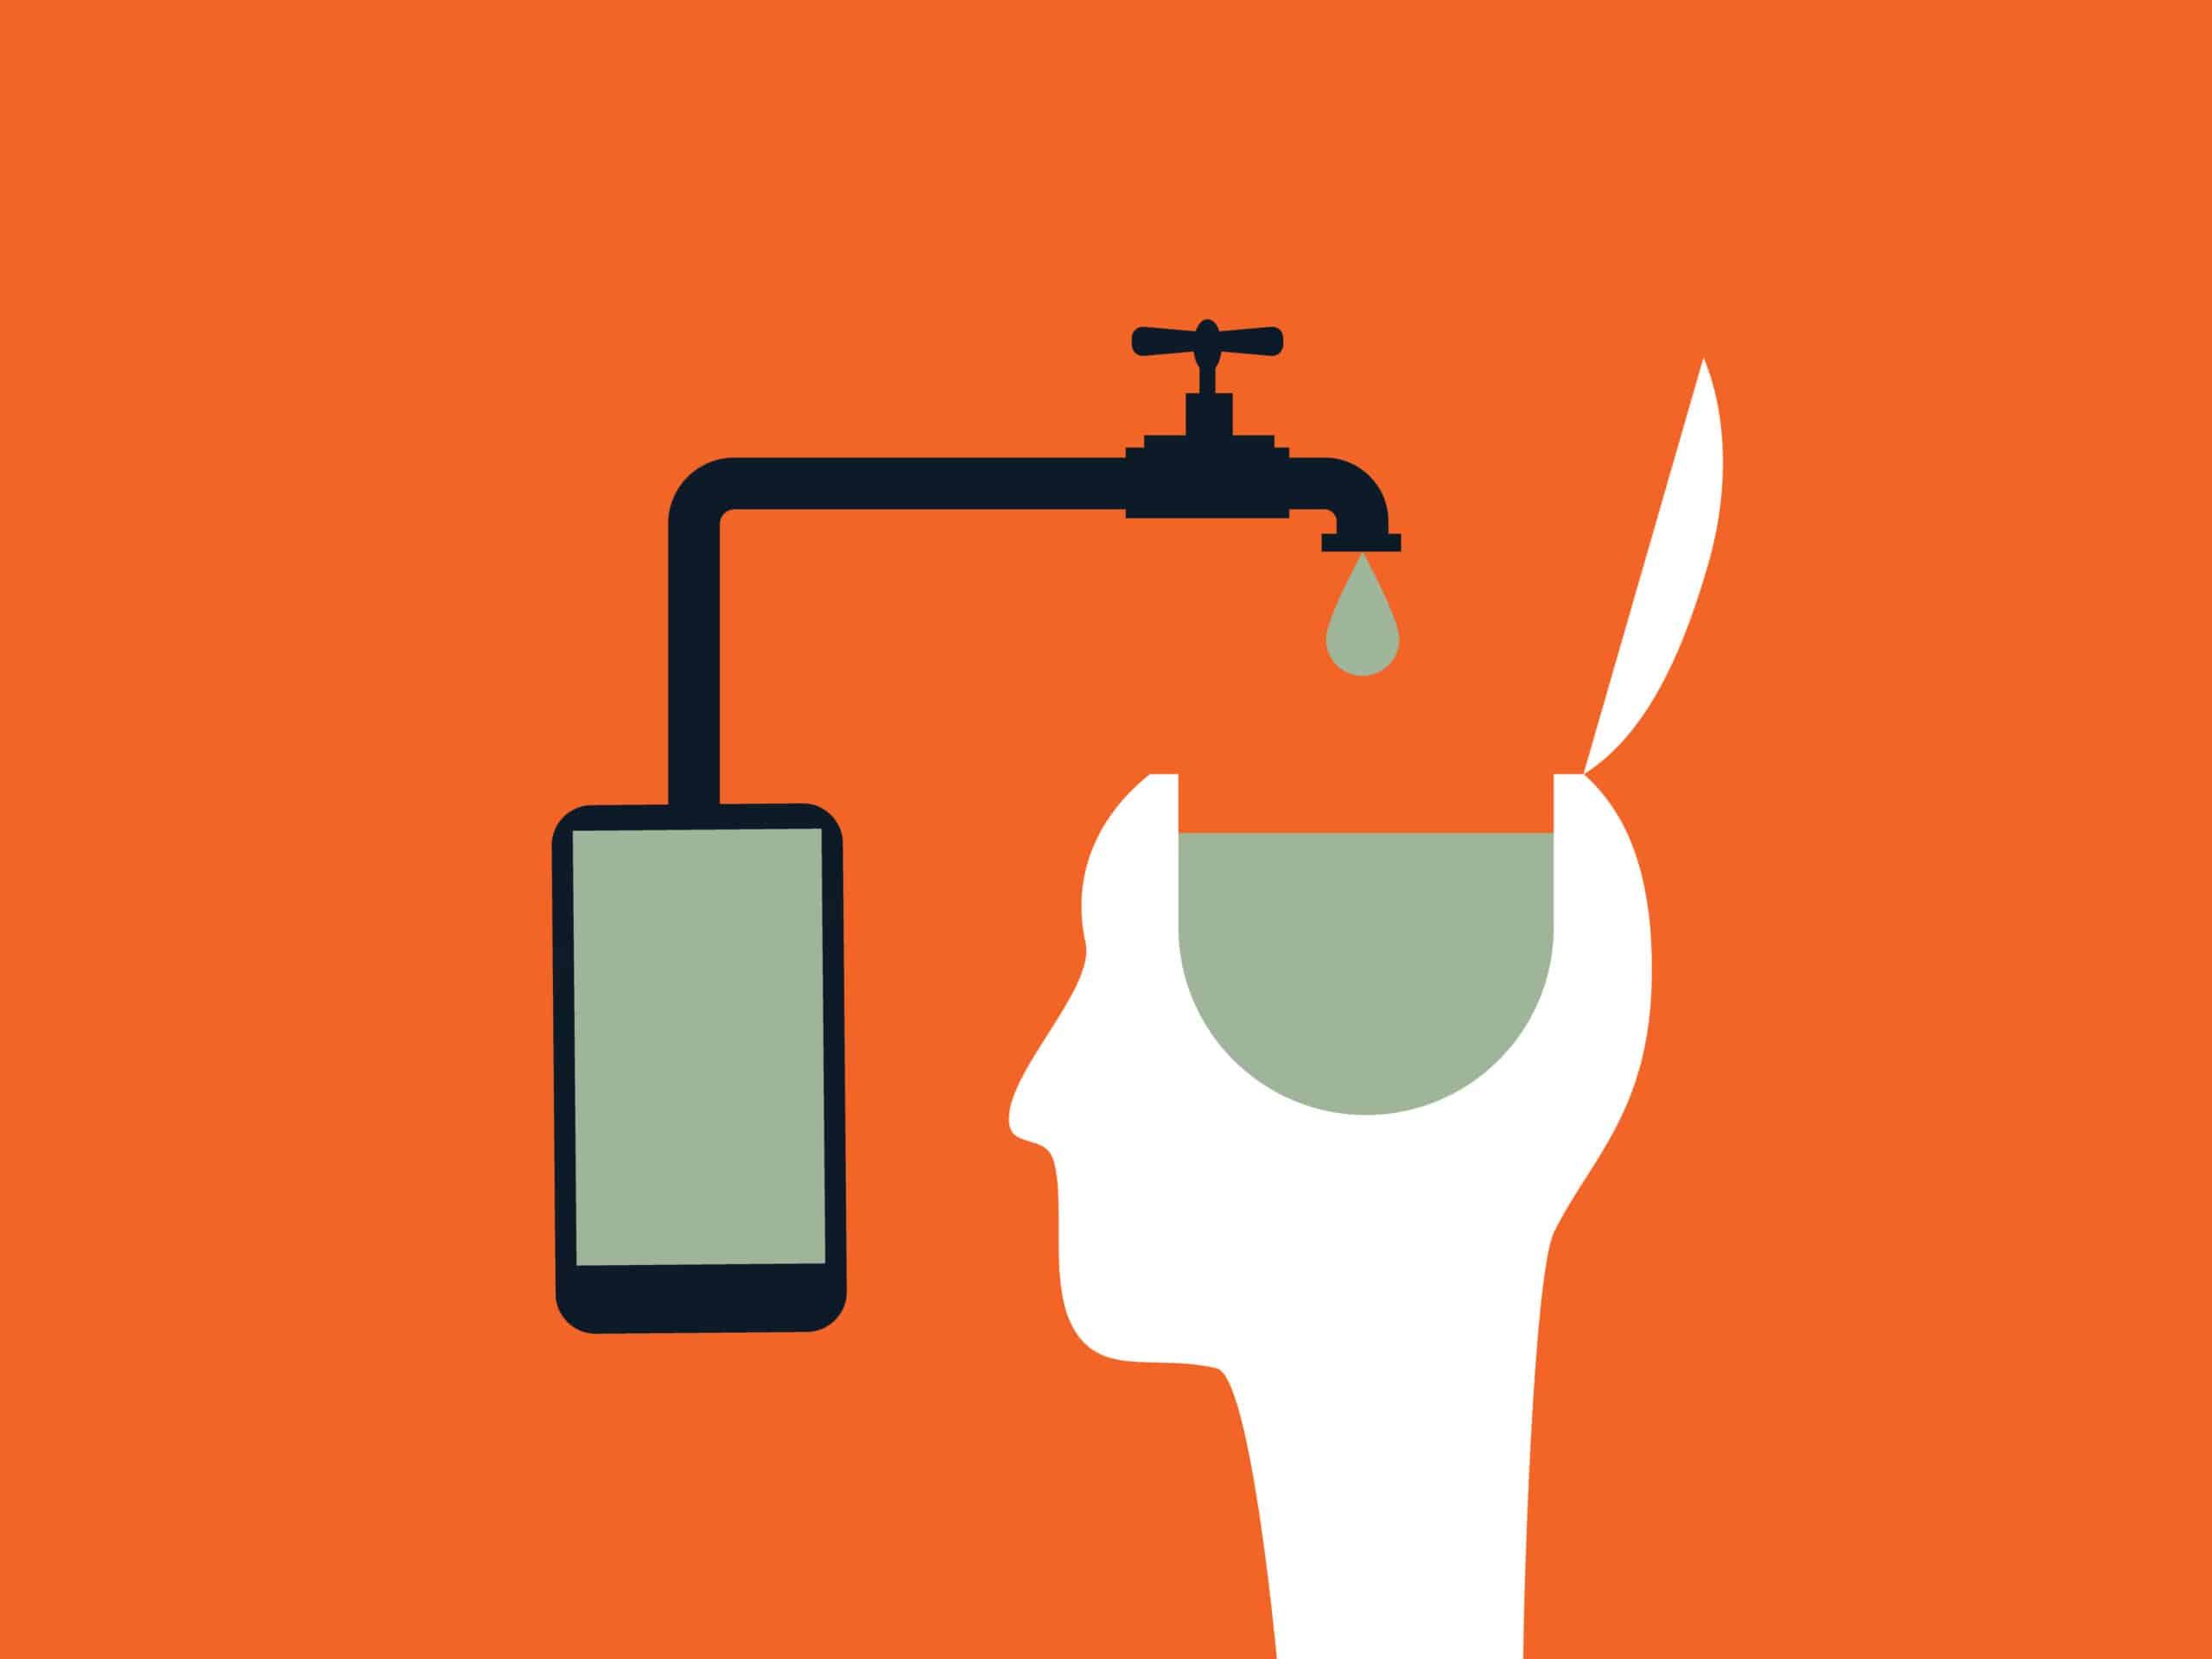 التعلم الآلي يزيل التحيز من شبكات التواصل الاجتماعي